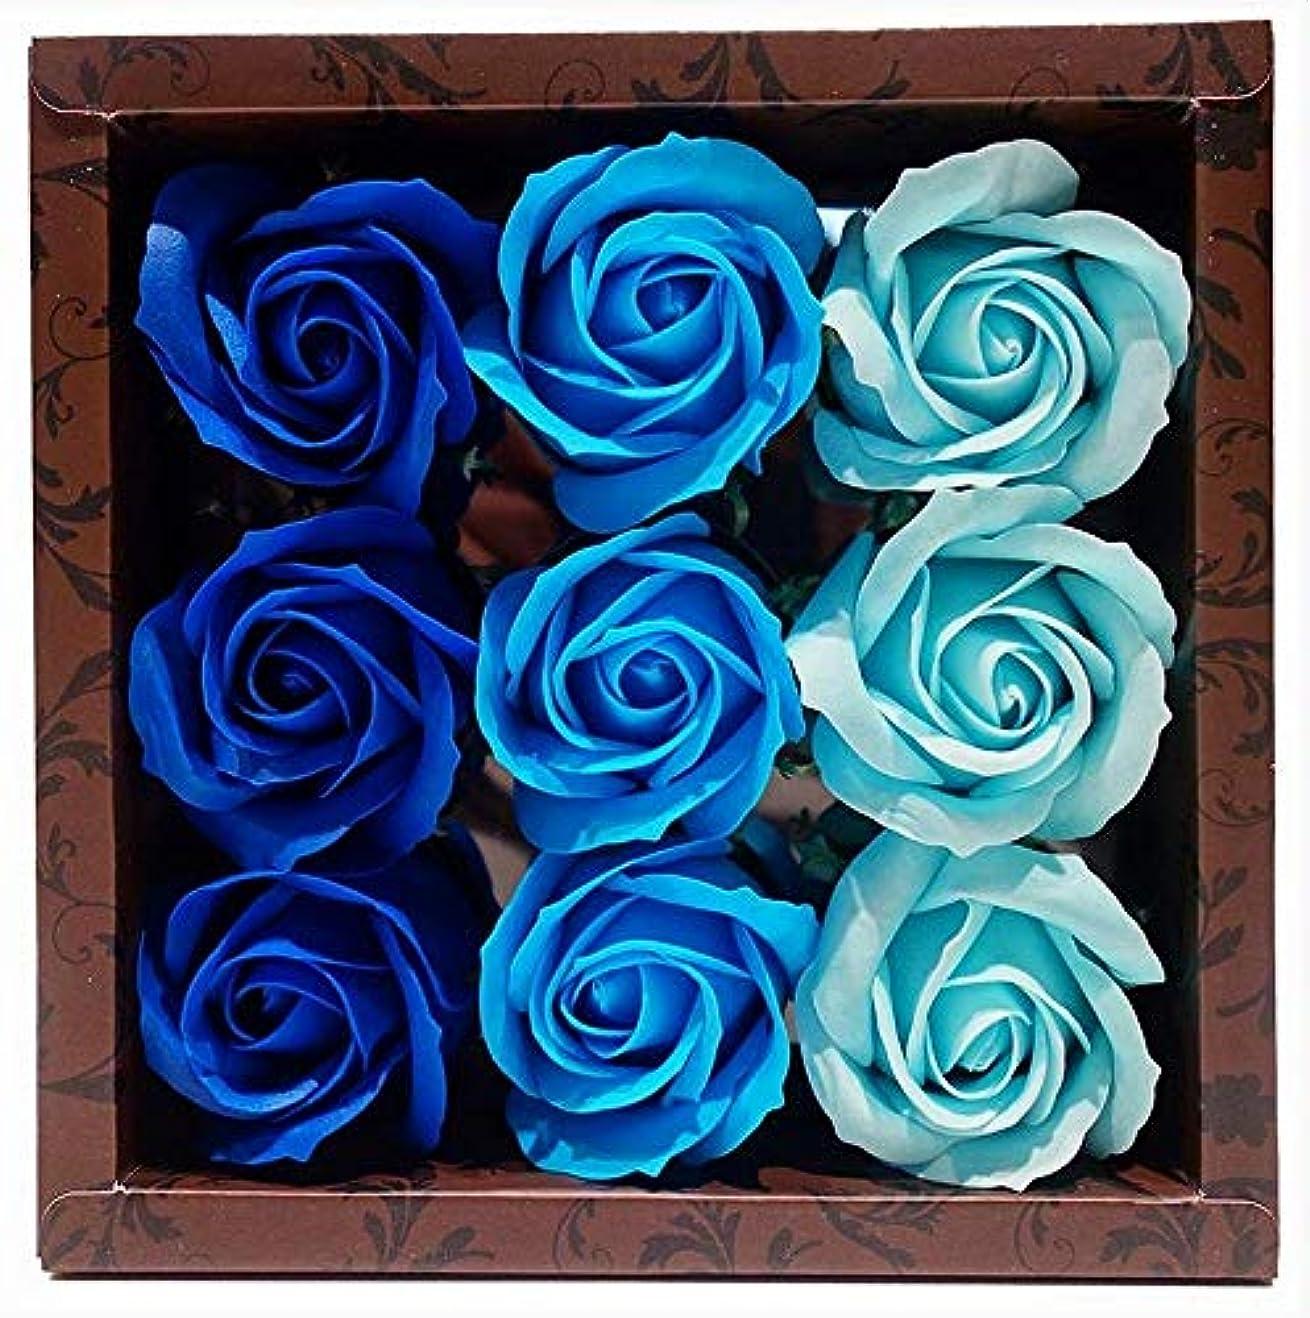 大通りリース印象花のカタチの入浴料 ローズ バスフレグランス フラワーフレグランス バスフラワー (ブルー)